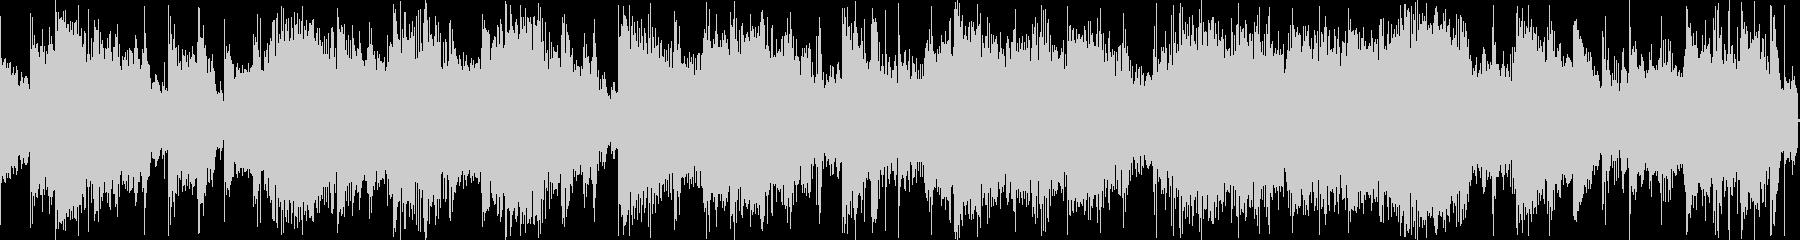 リズムとベースが絡み合うシンセサウンド…の未再生の波形